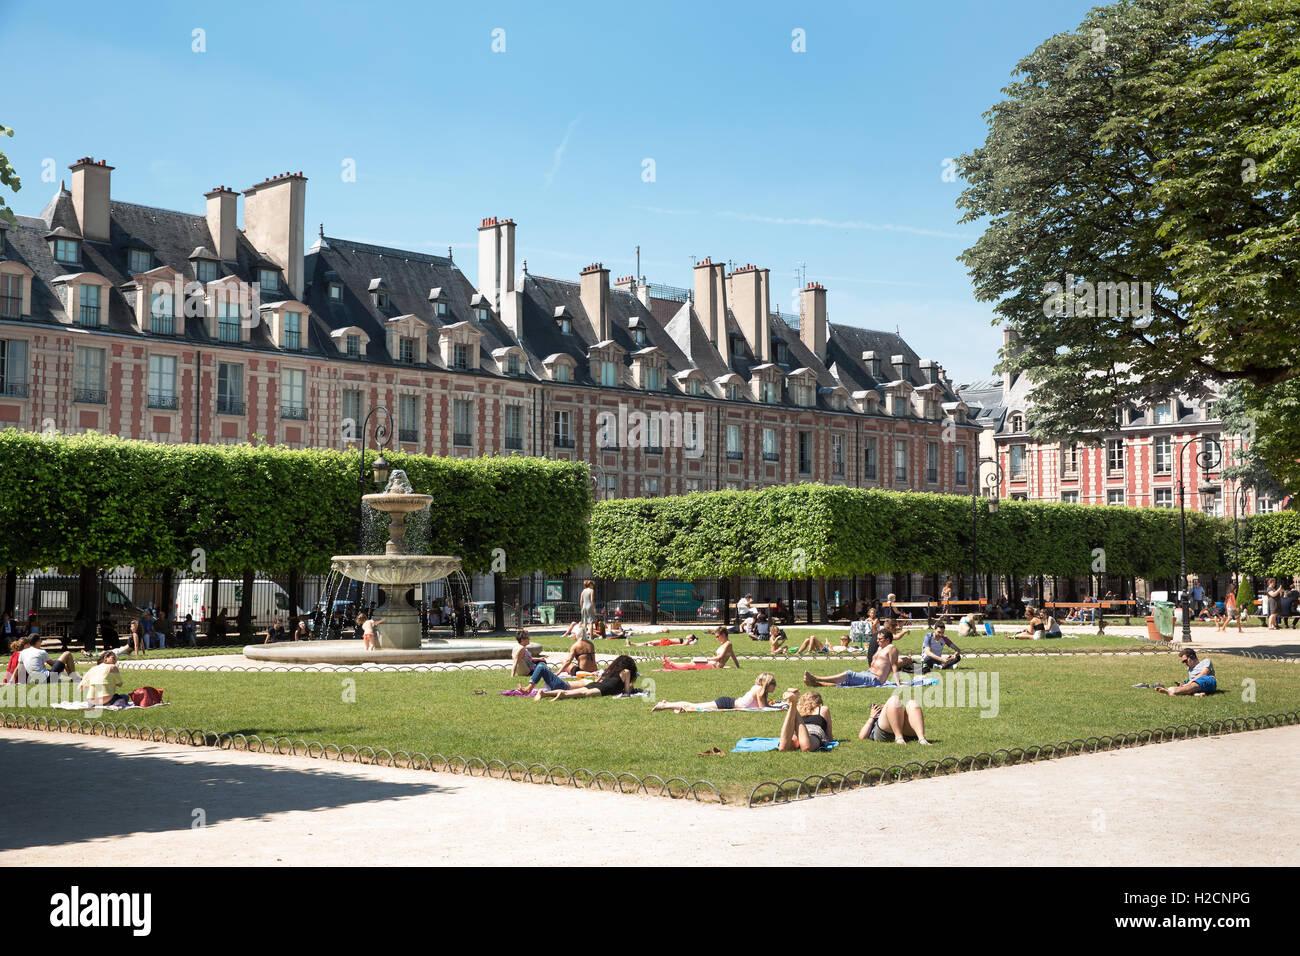 La Place des Vosges, en el barrio de Marais en París, Francia Imagen De Stock